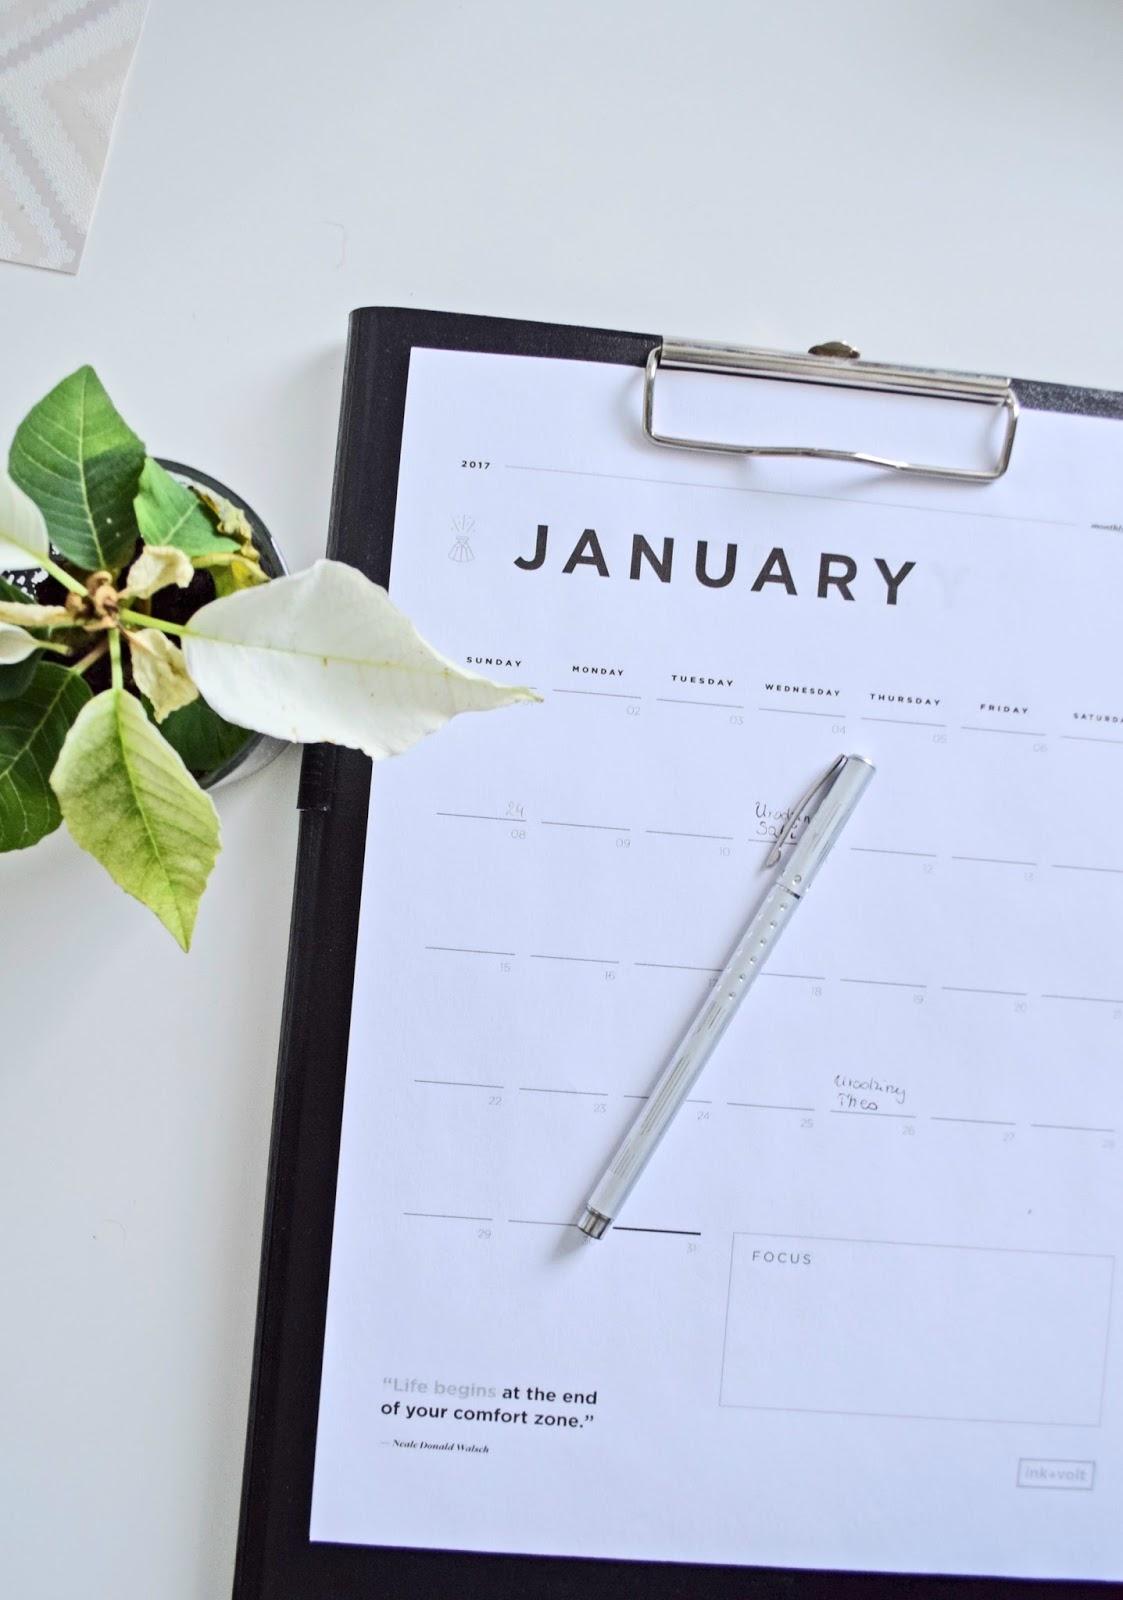 Kalendarz na 2017 rok